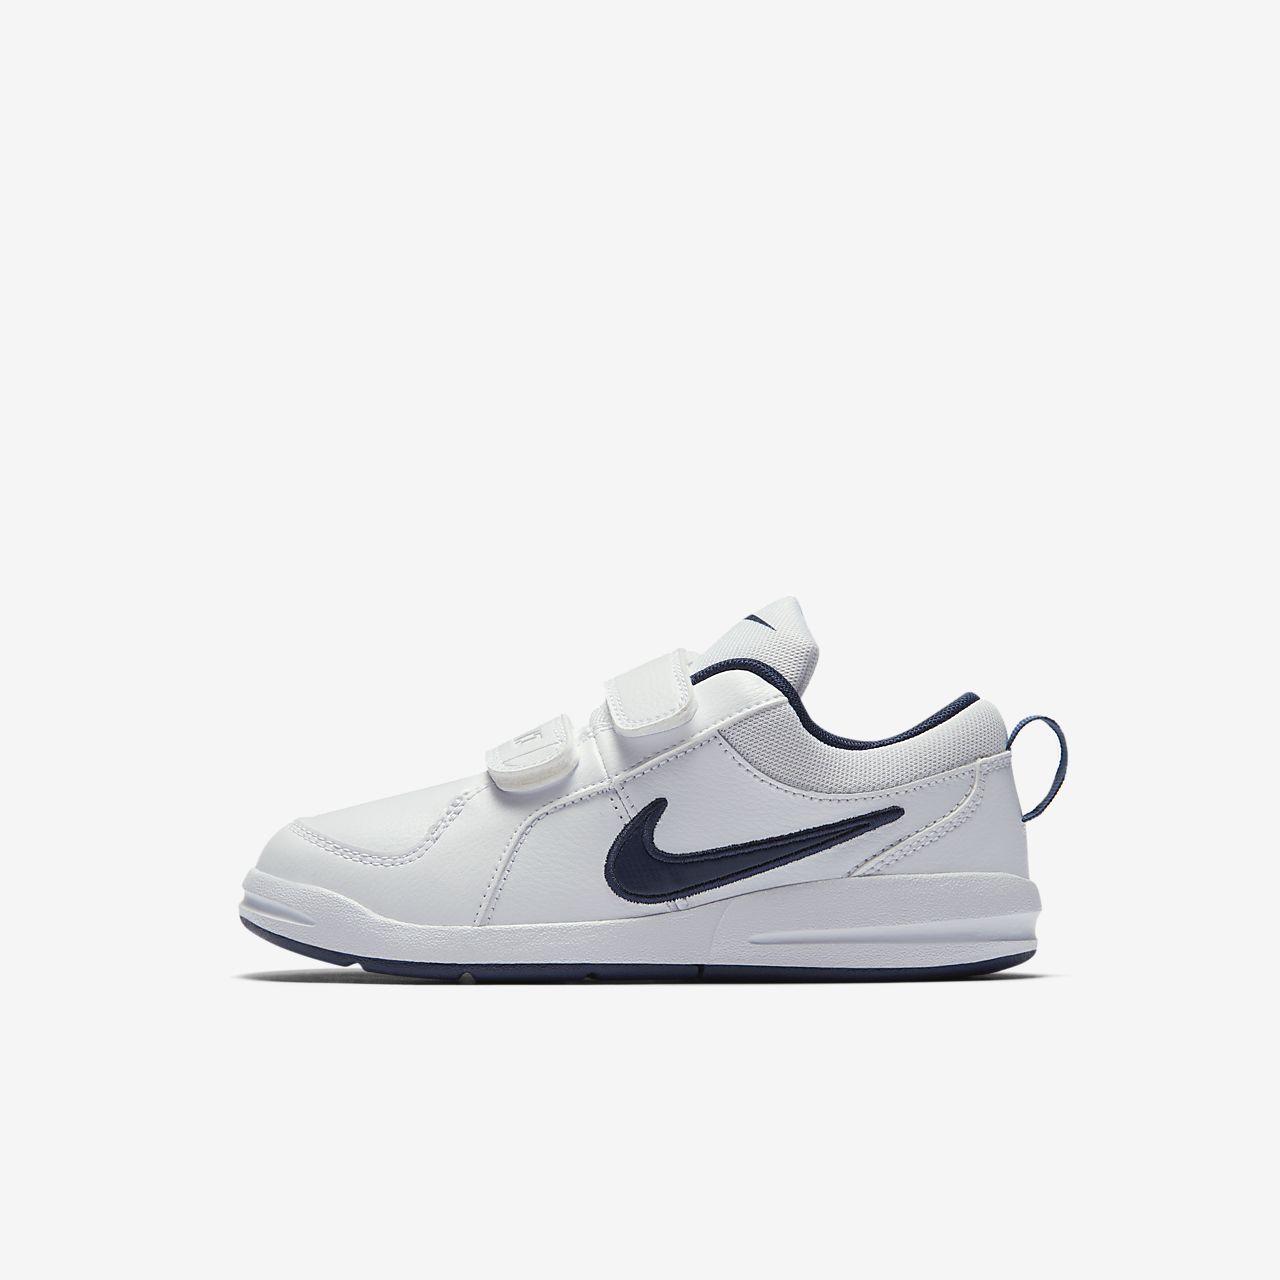 Pico Chaussures Noir Nike Pour Les Hommes EgdcEp0